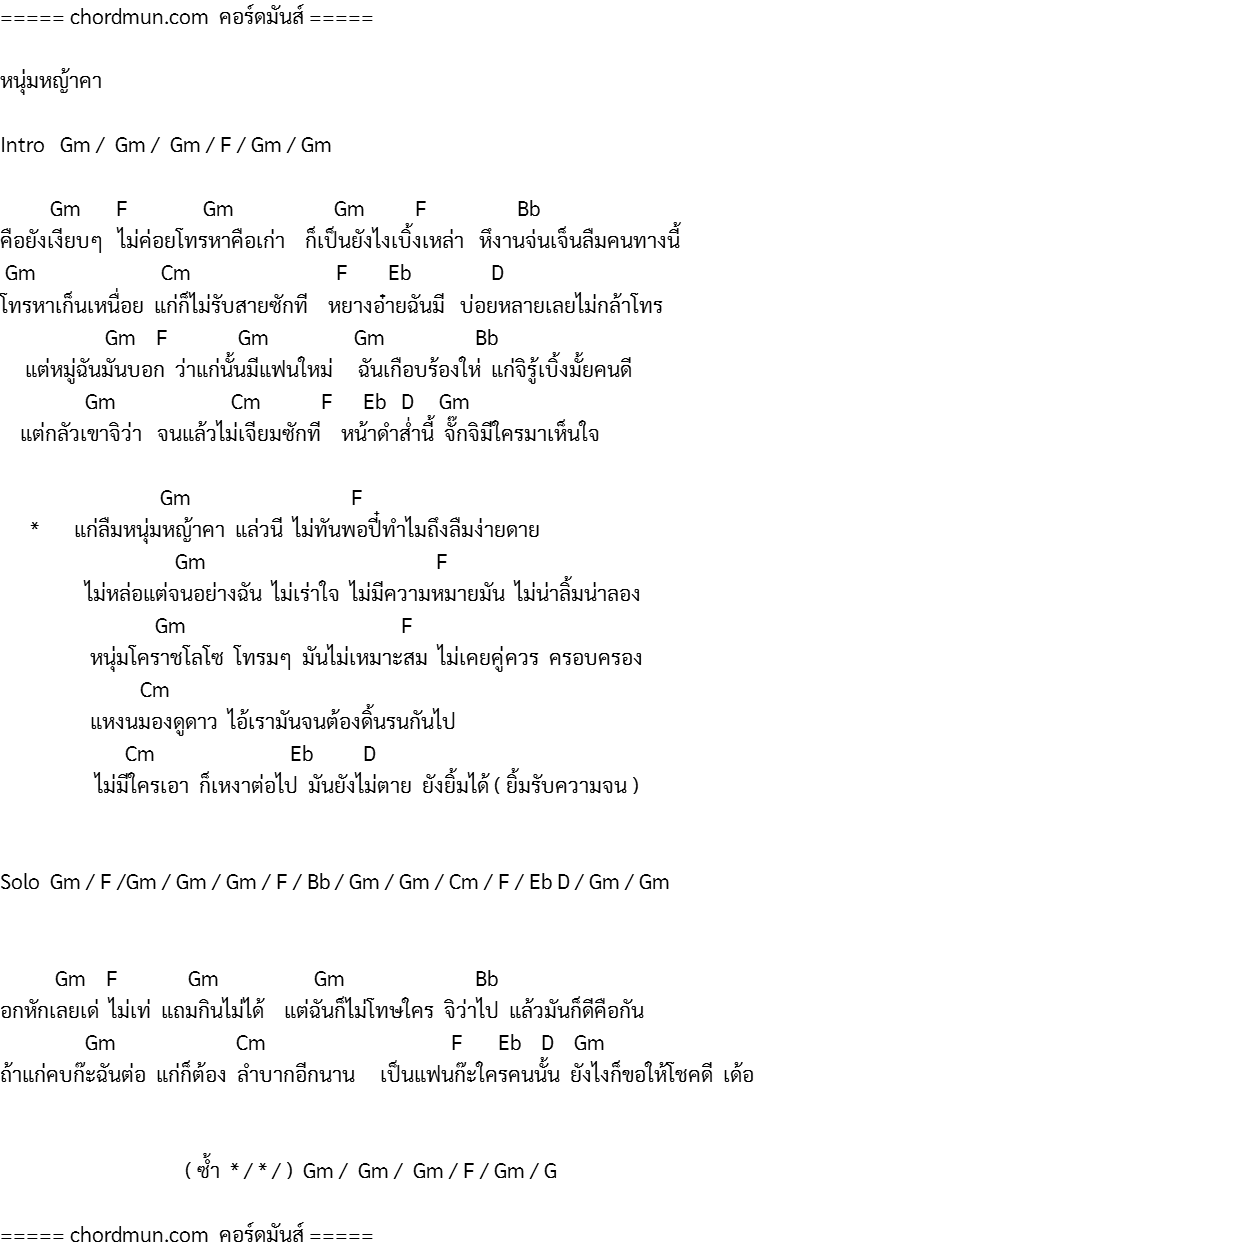 คอร์ดกีต้า ง่ายๆ คอร์ดกีต้าร์ เพลง หนุ่มหญ้าคา (ภาษาโคราชครับ)